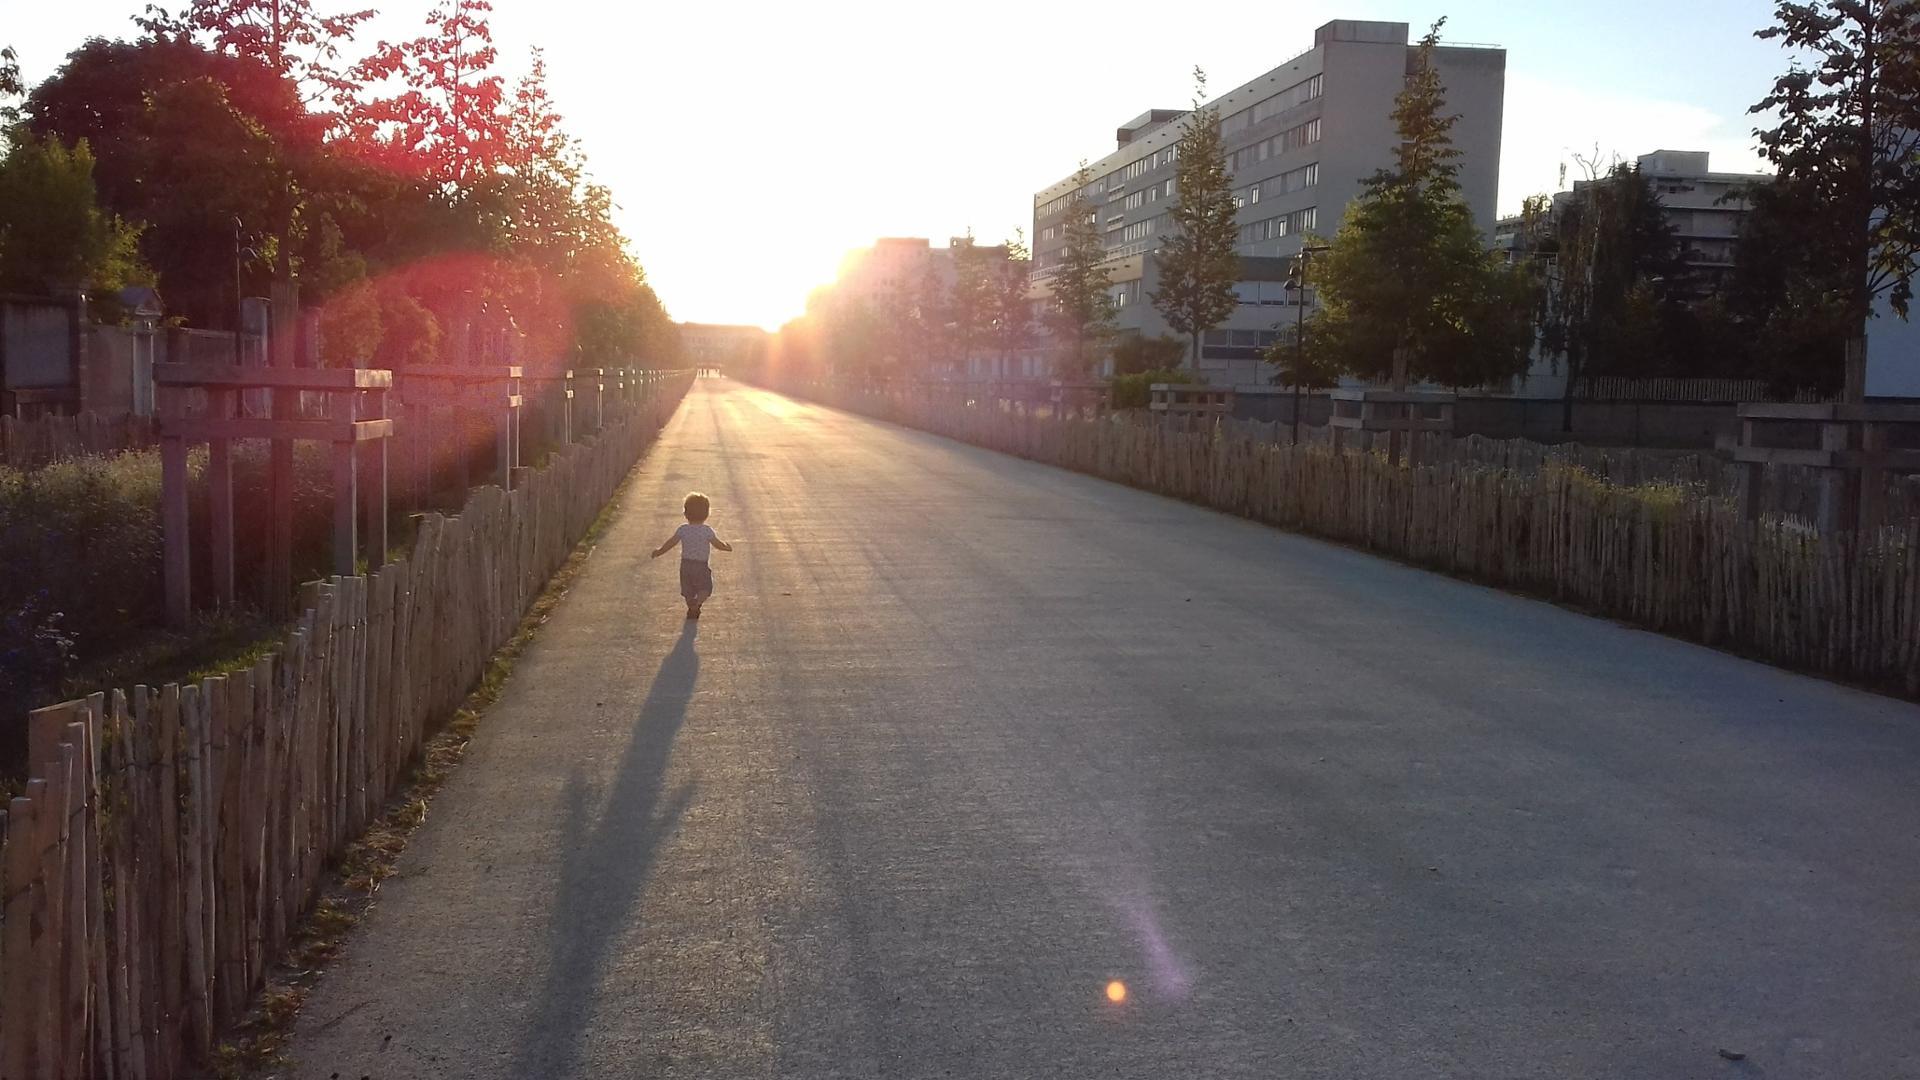 La ville devant nous, la vie devant lui